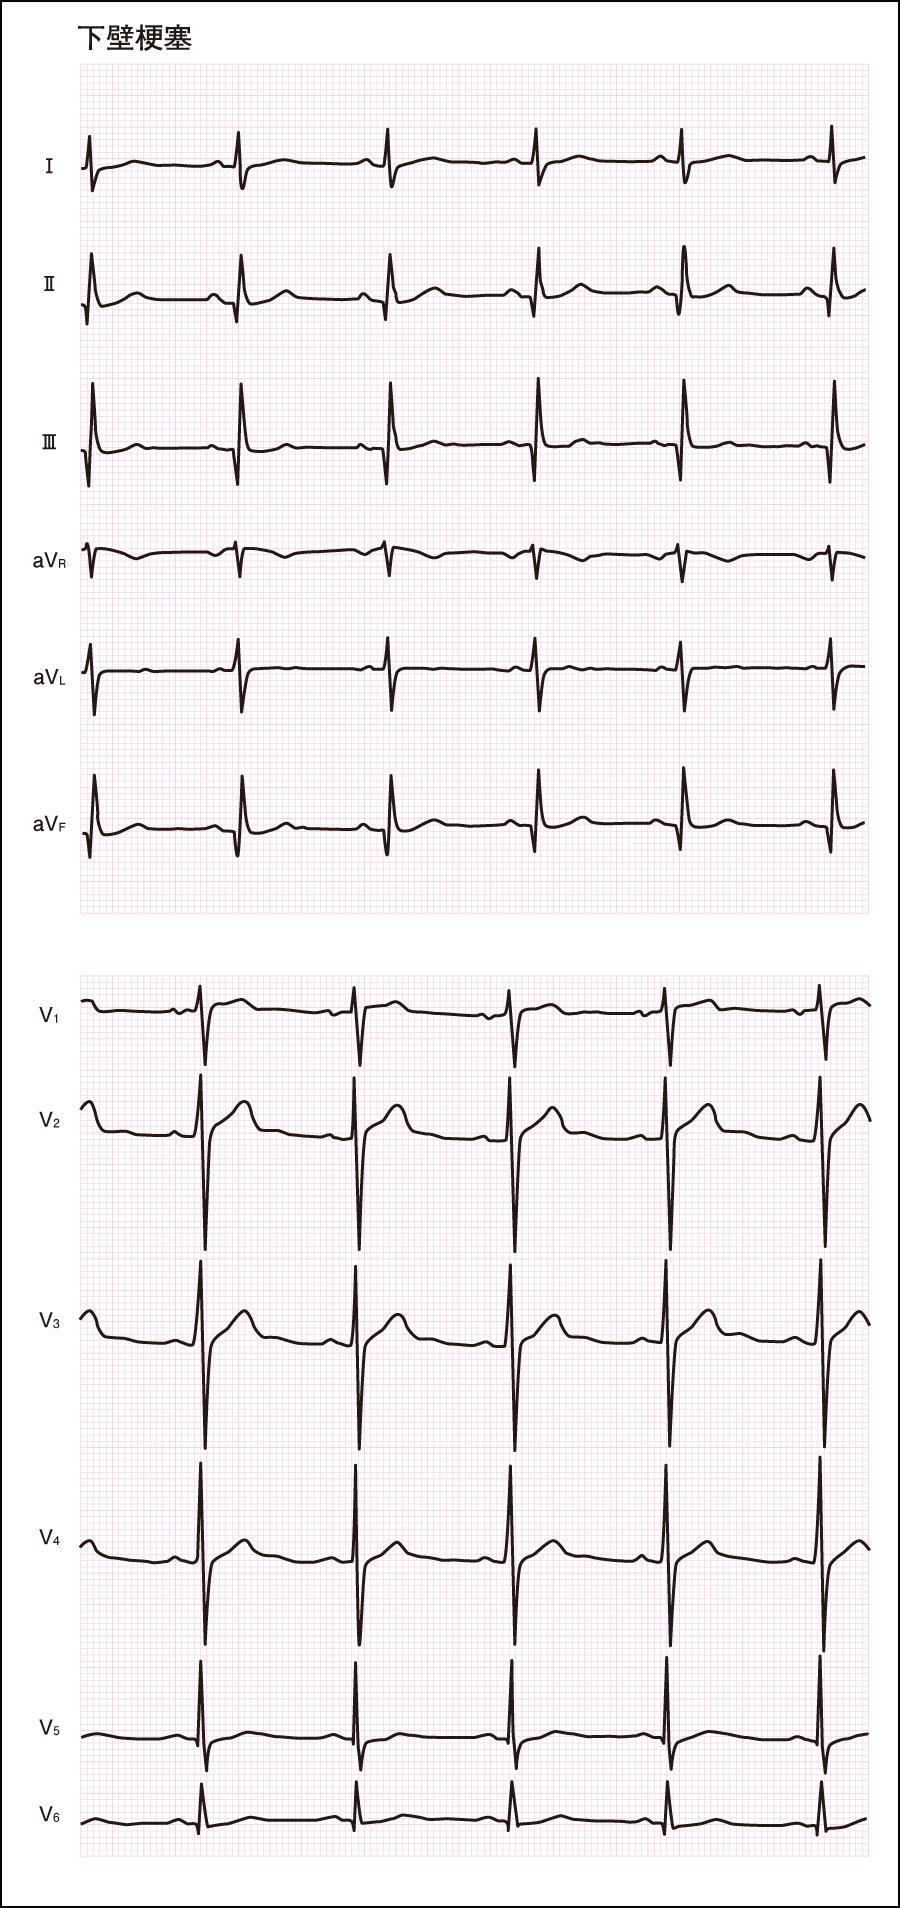 異常な心電図(4)